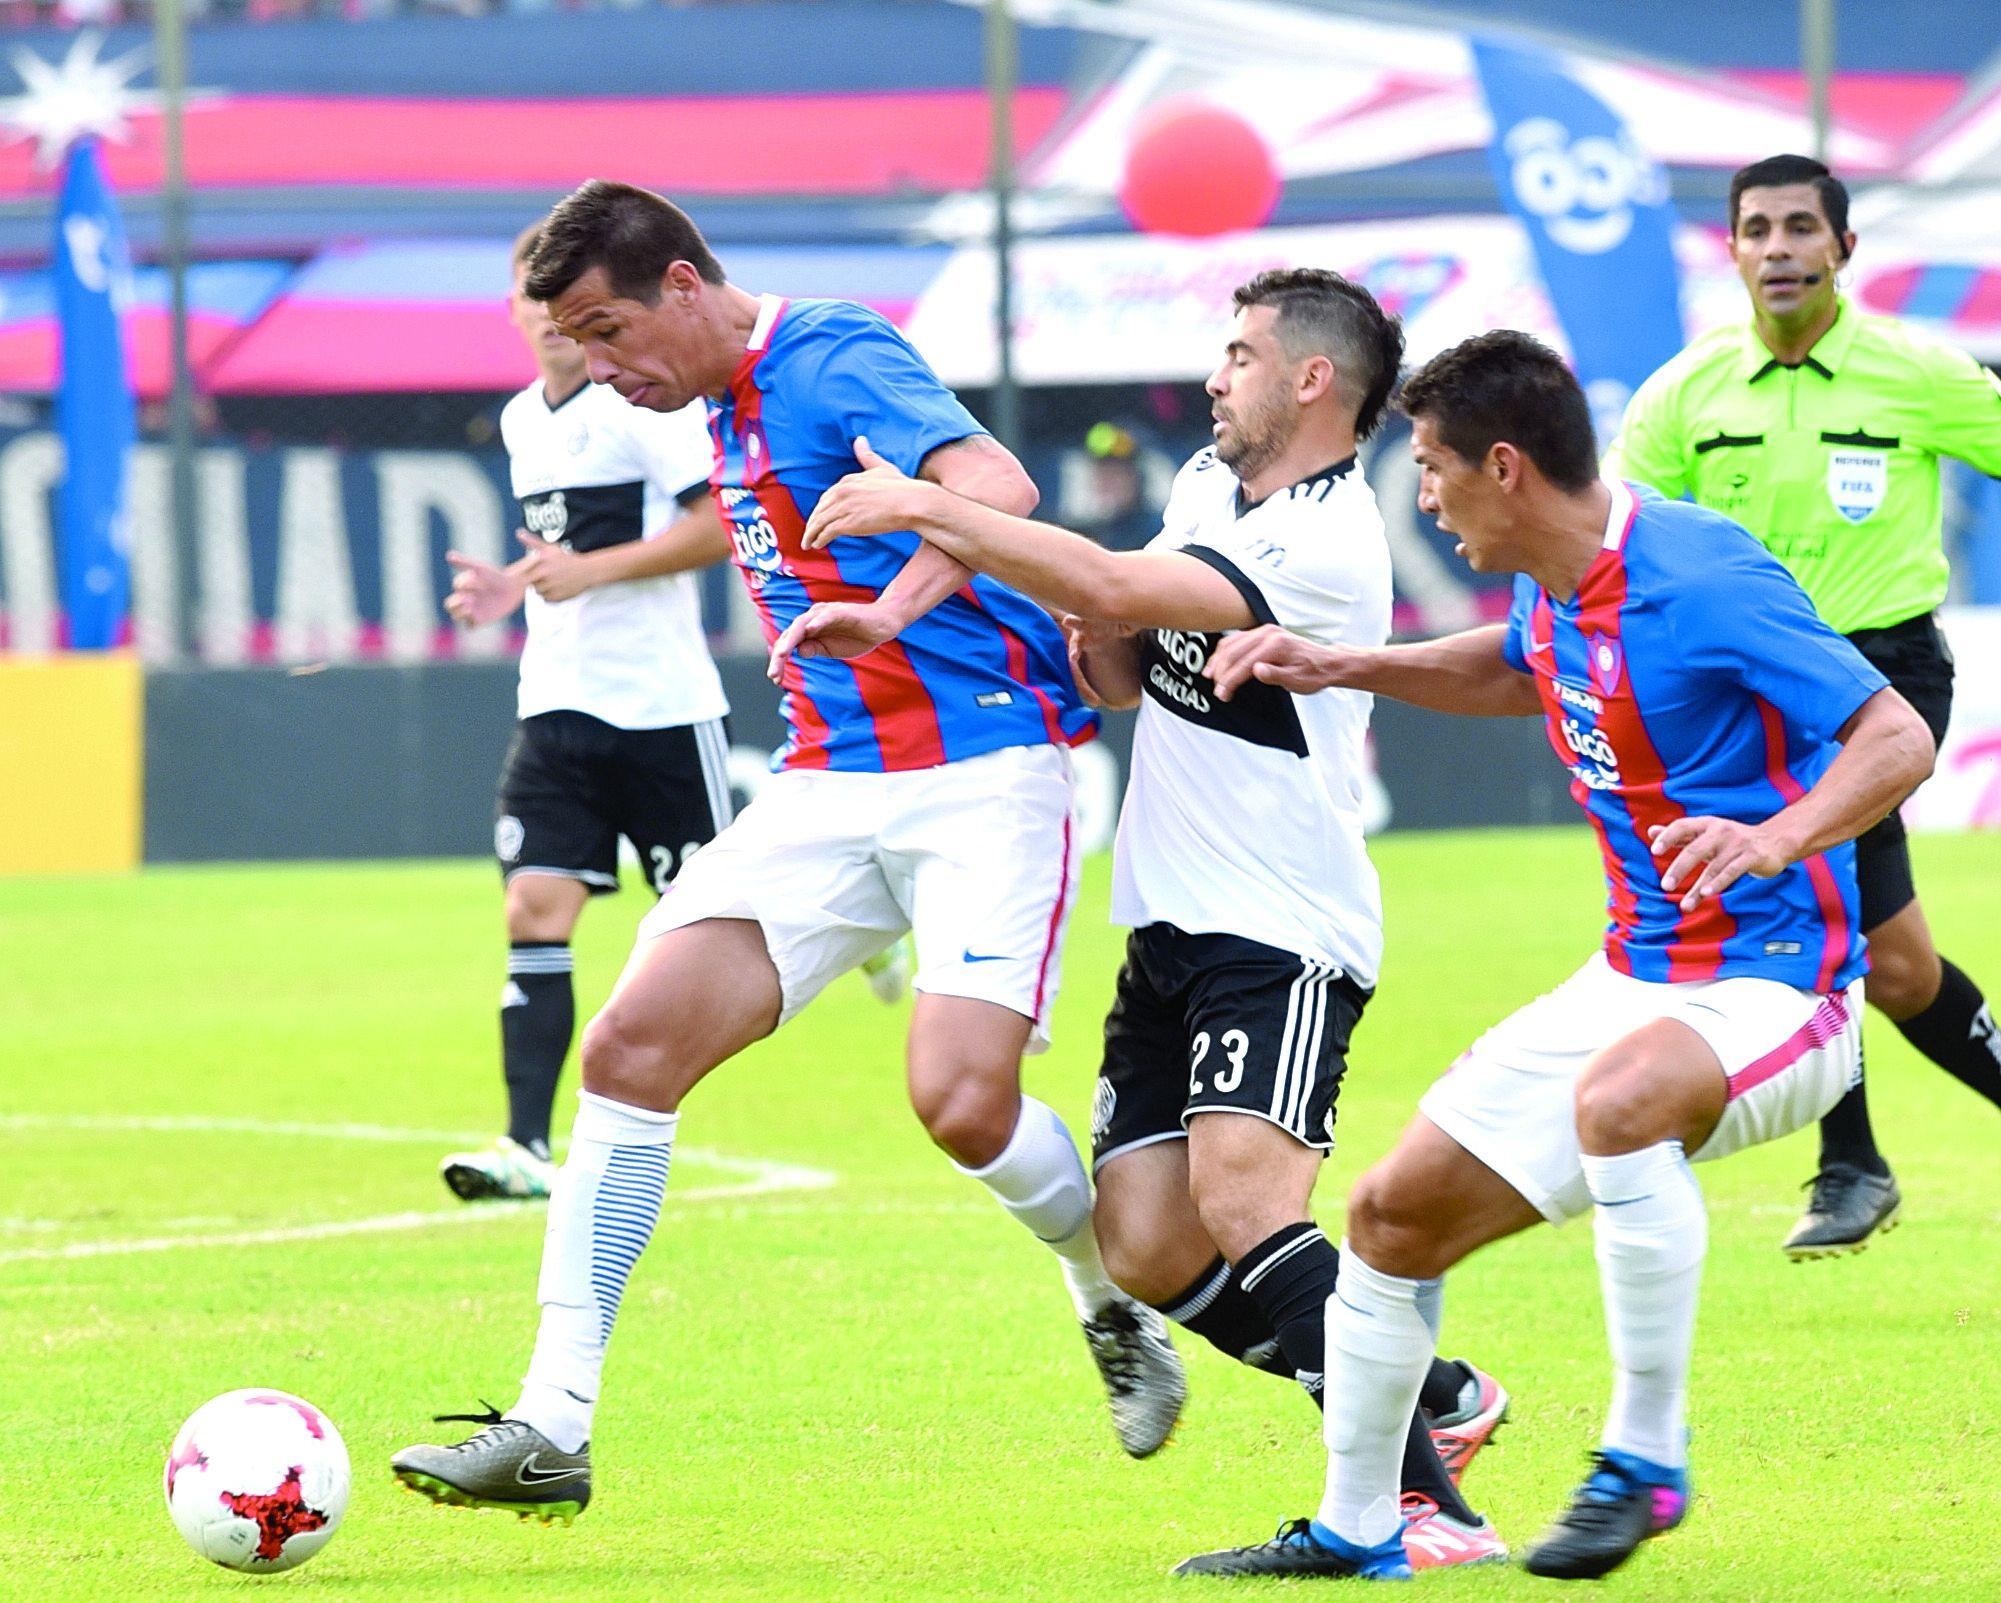 El Clásico se disputará en la fecha 6. Foto: Última Hora.